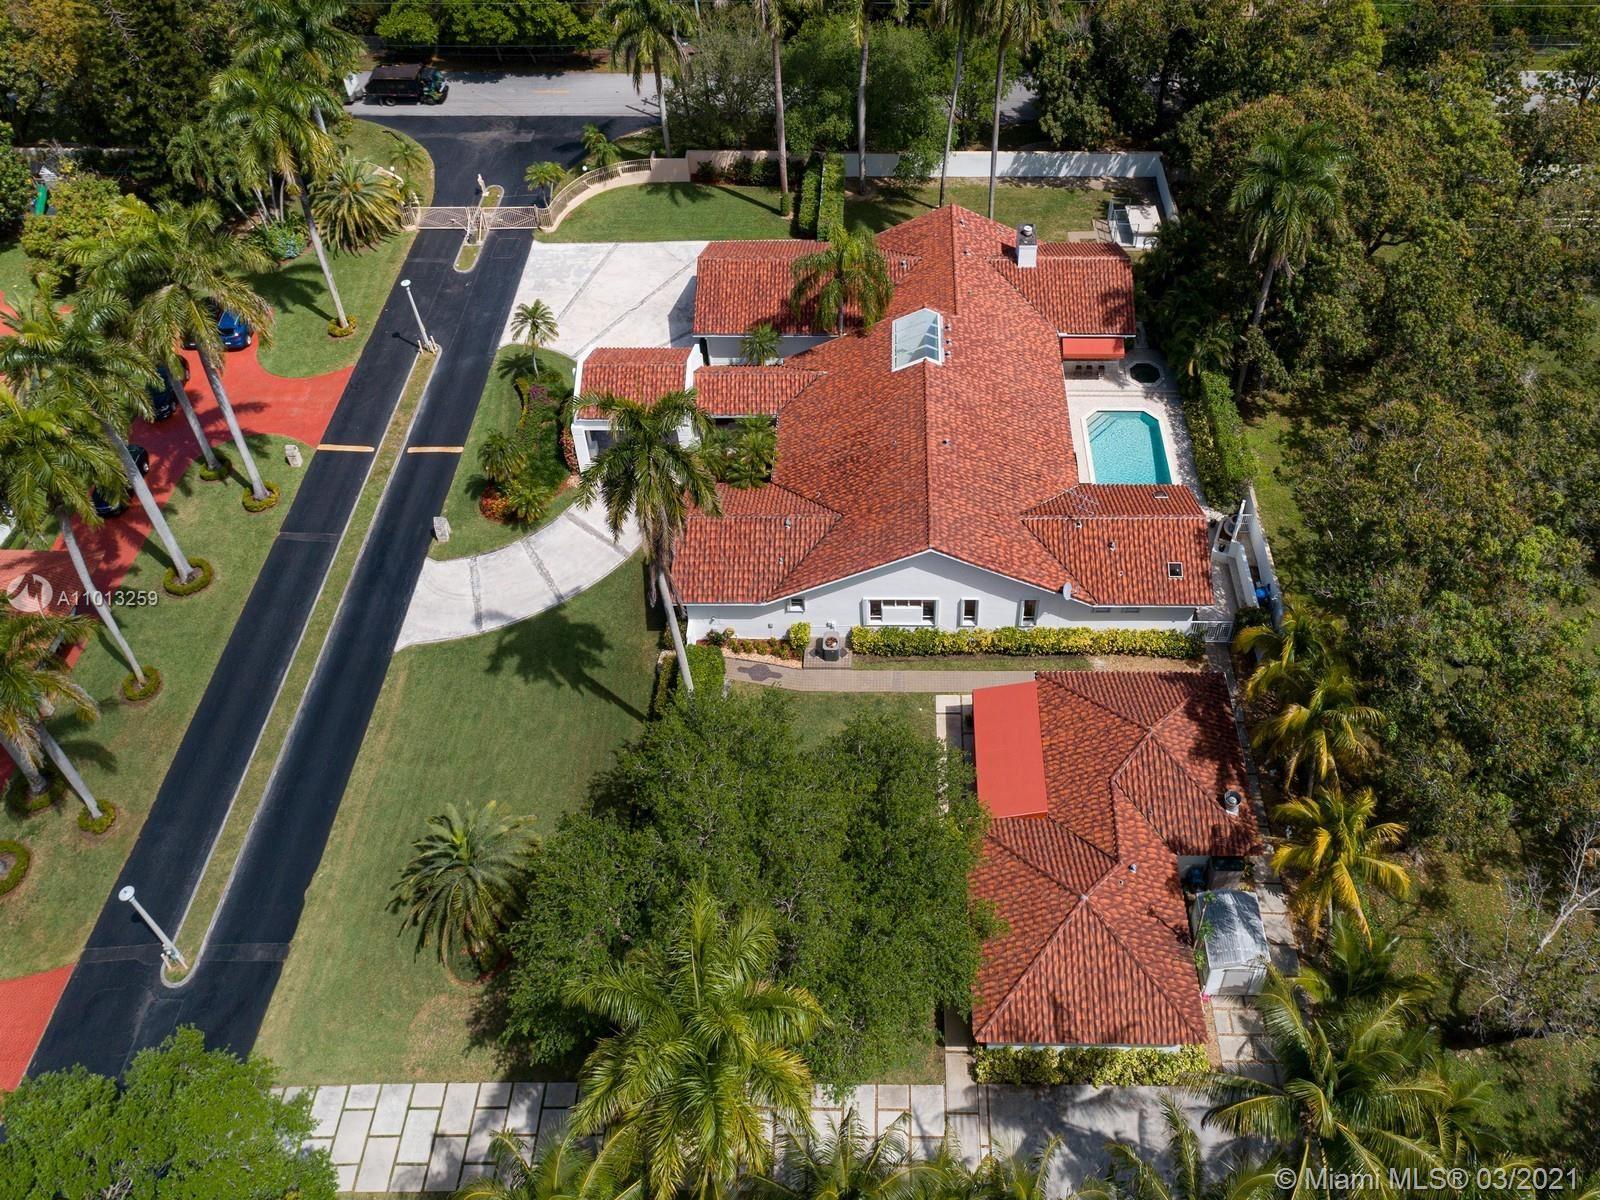 7700 SW 68th Ter, Miami, FL 33143 - #: A11013259